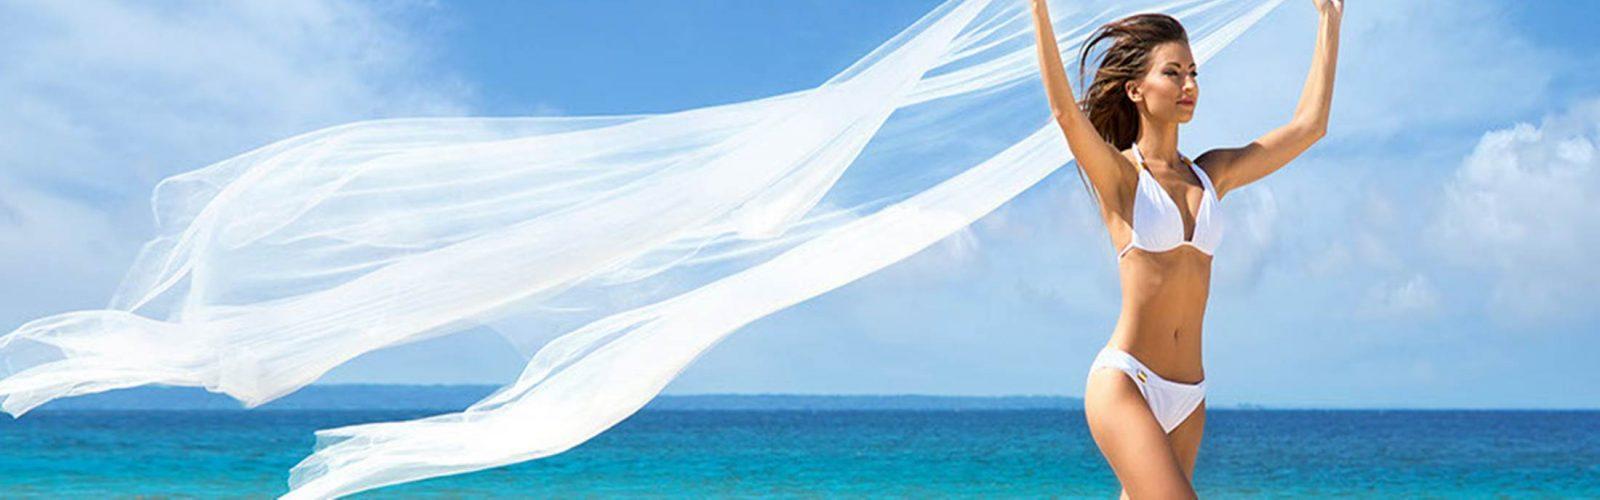 Fitness, Traumfigur, Wunschgewicht & Abnehmen für Ihre Beauty im Palm Beach Studio Body forming & tanning Gwattstrasse 1 CH-8808 Pfäffikon SZ